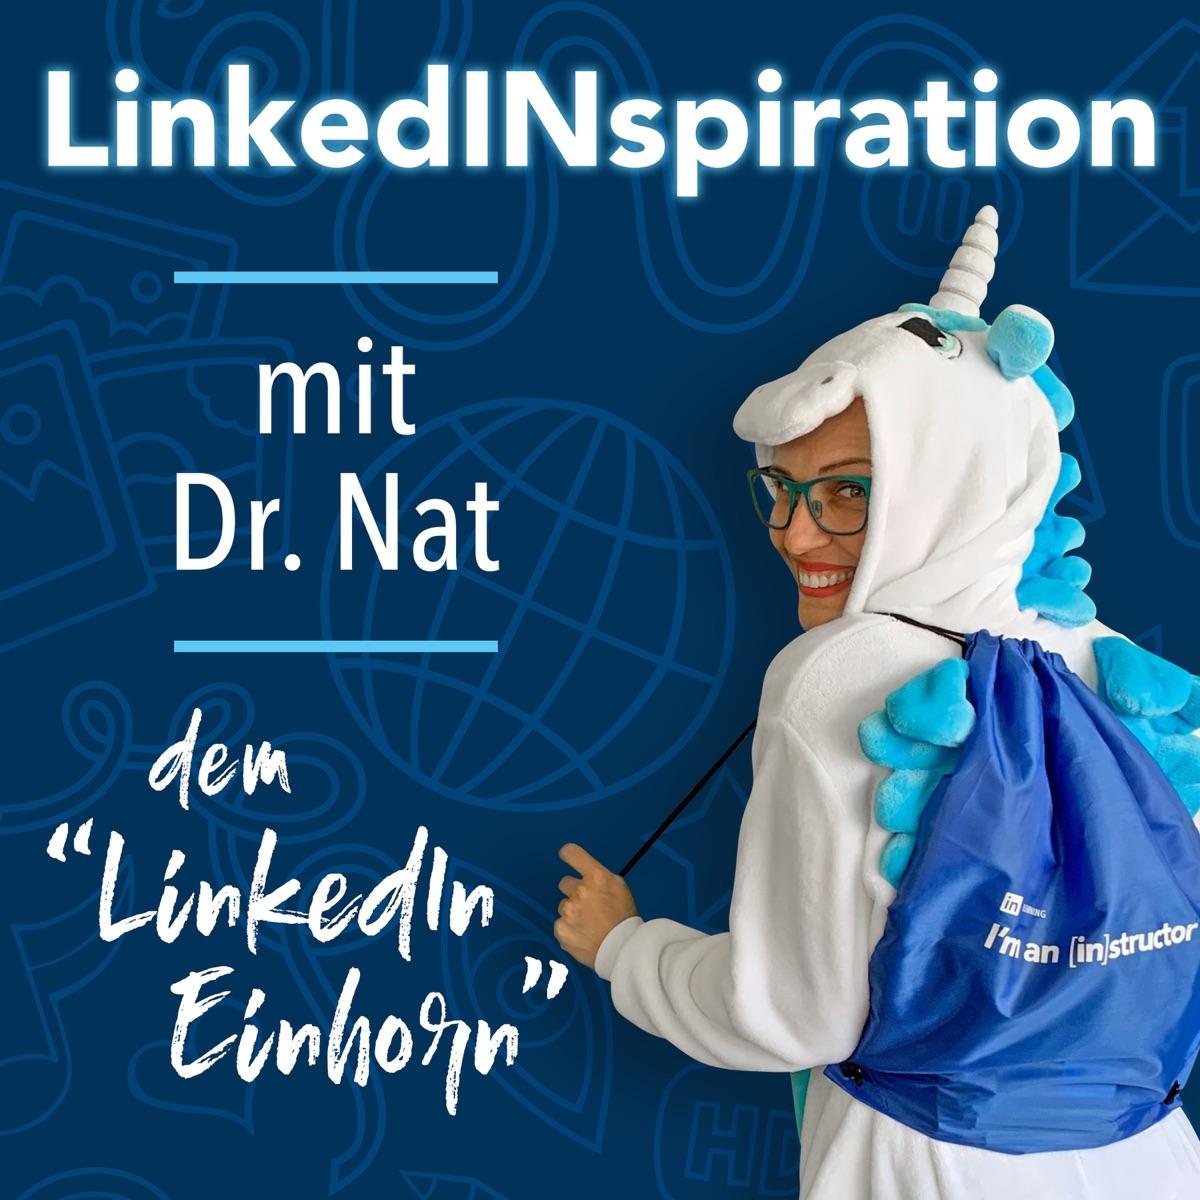 LinkedINspiration. Mit Dr. Nat dem